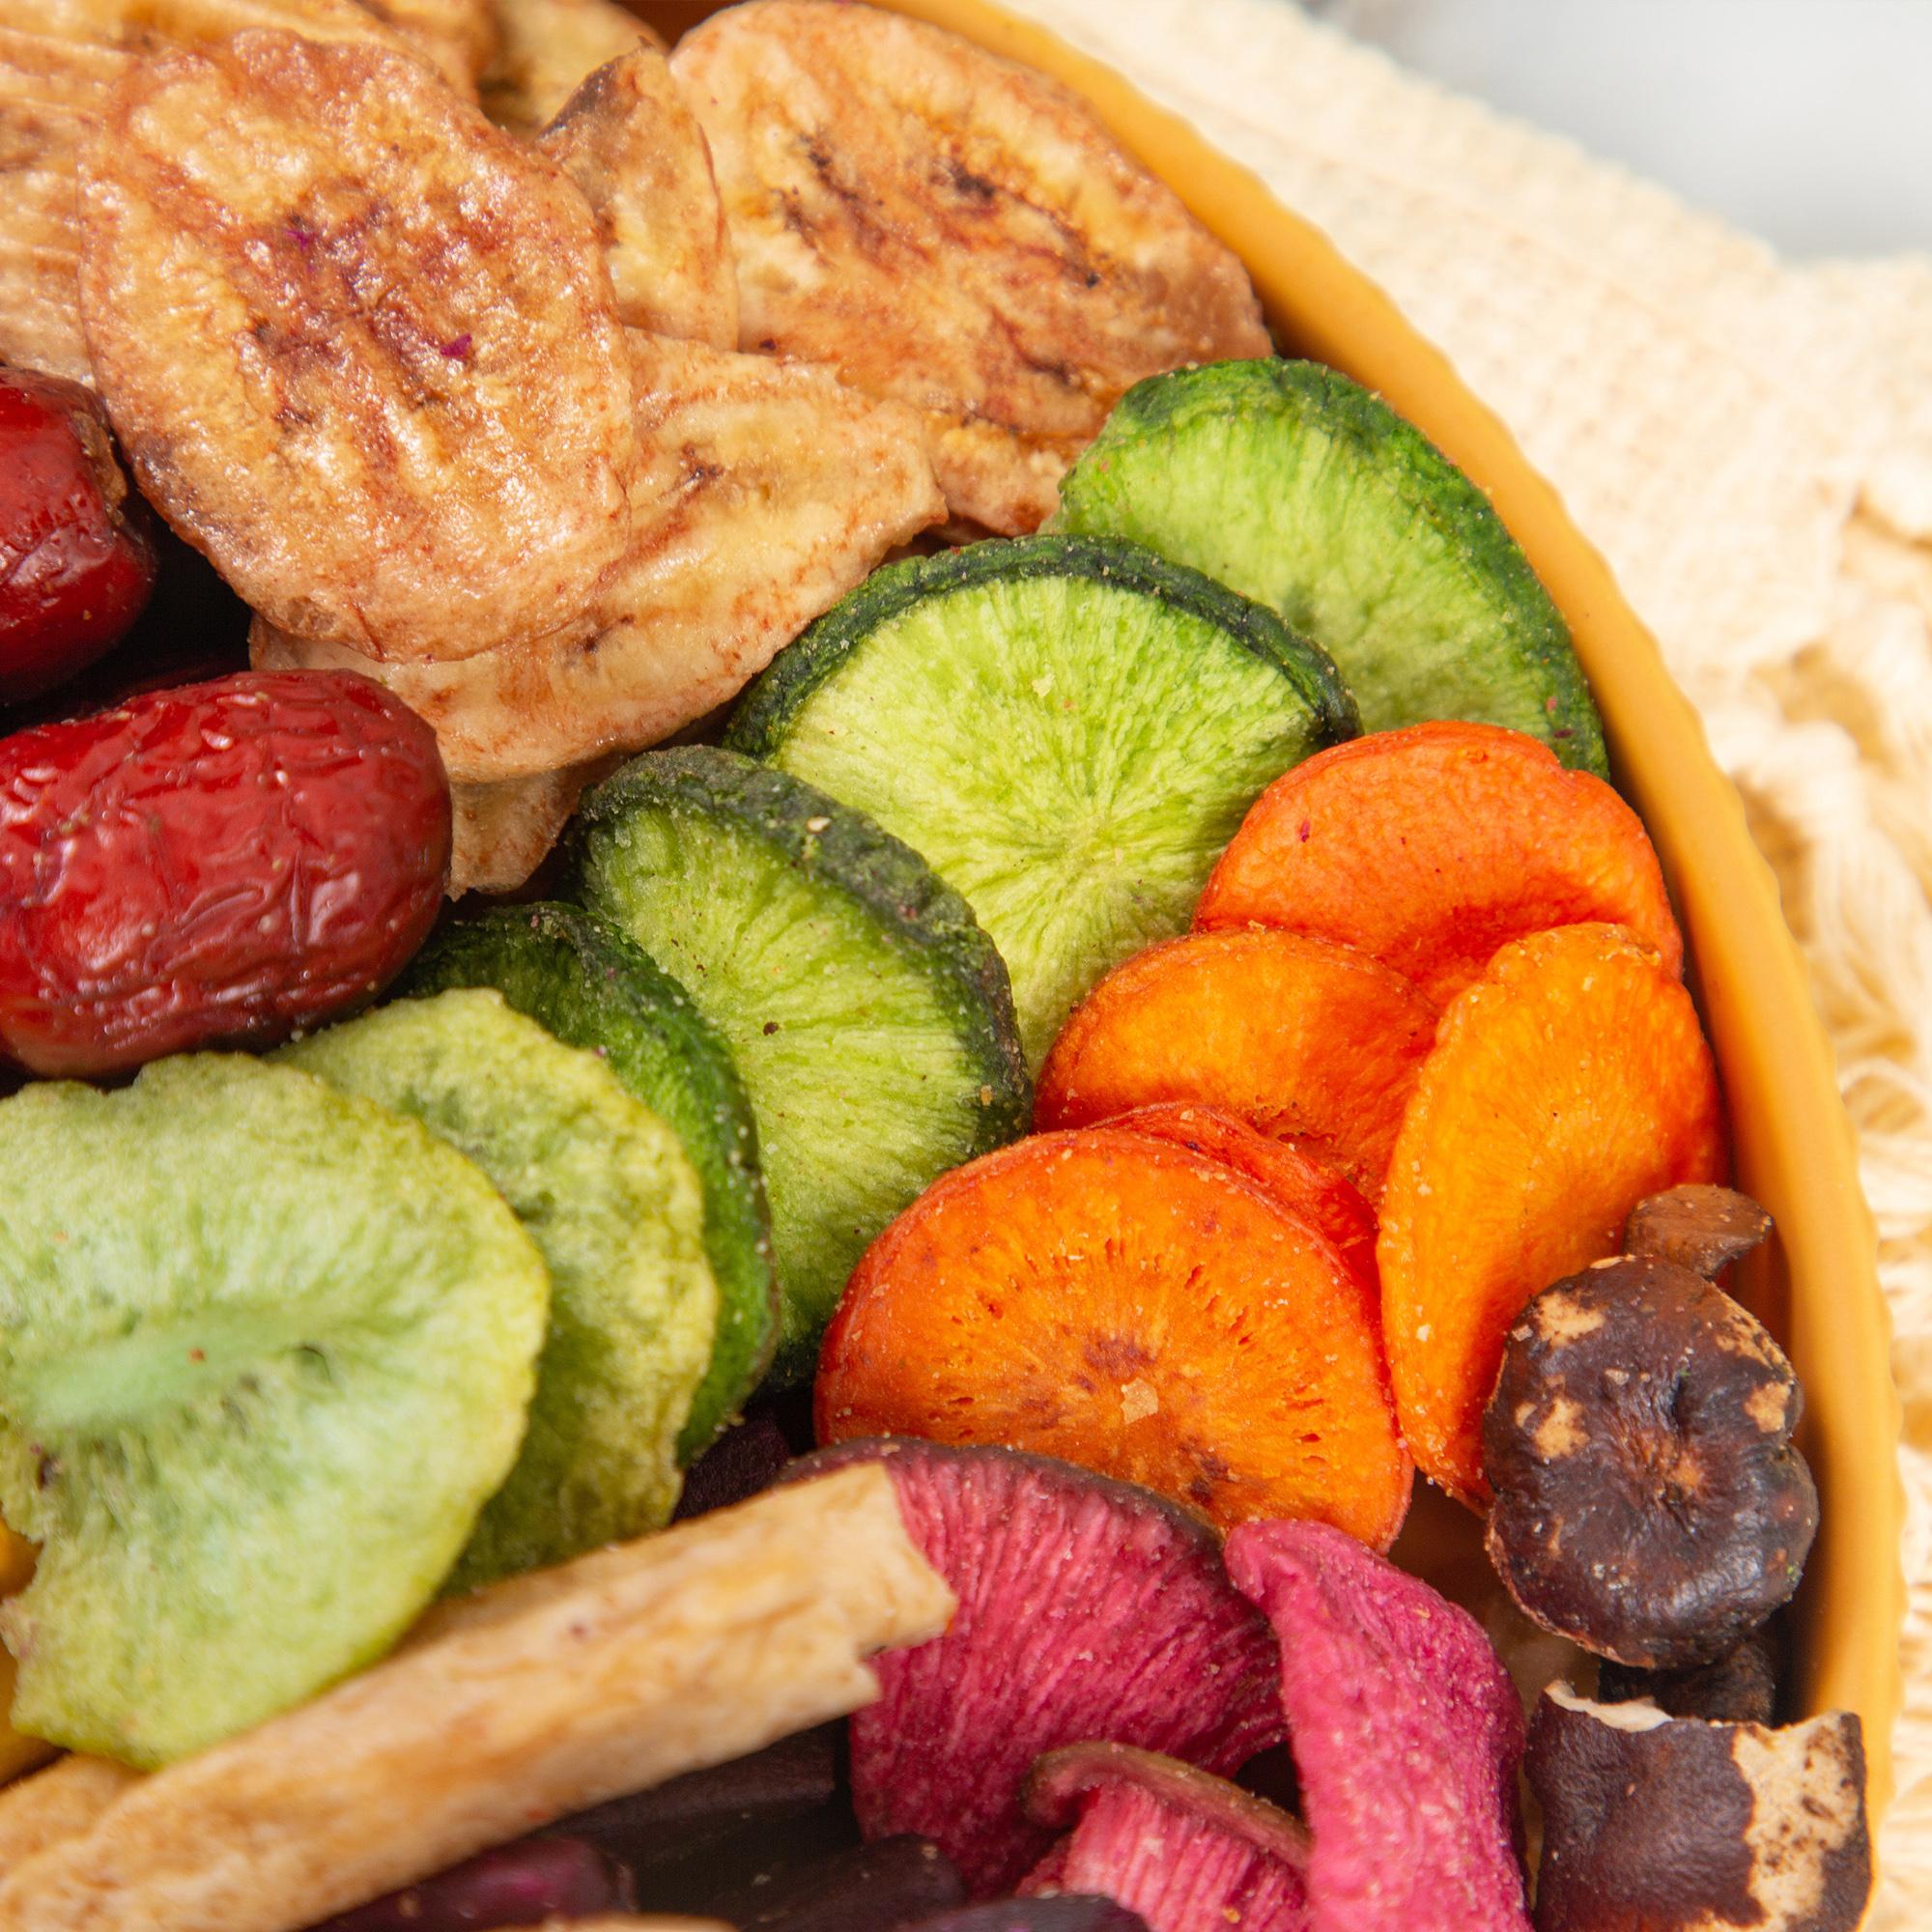 12种综合果蔬干混合装250g 秋葵干什锦果蔬脆脱水蔬菜干零食即食蔬果干健康零食 特惠装果蔬脆 商品图2